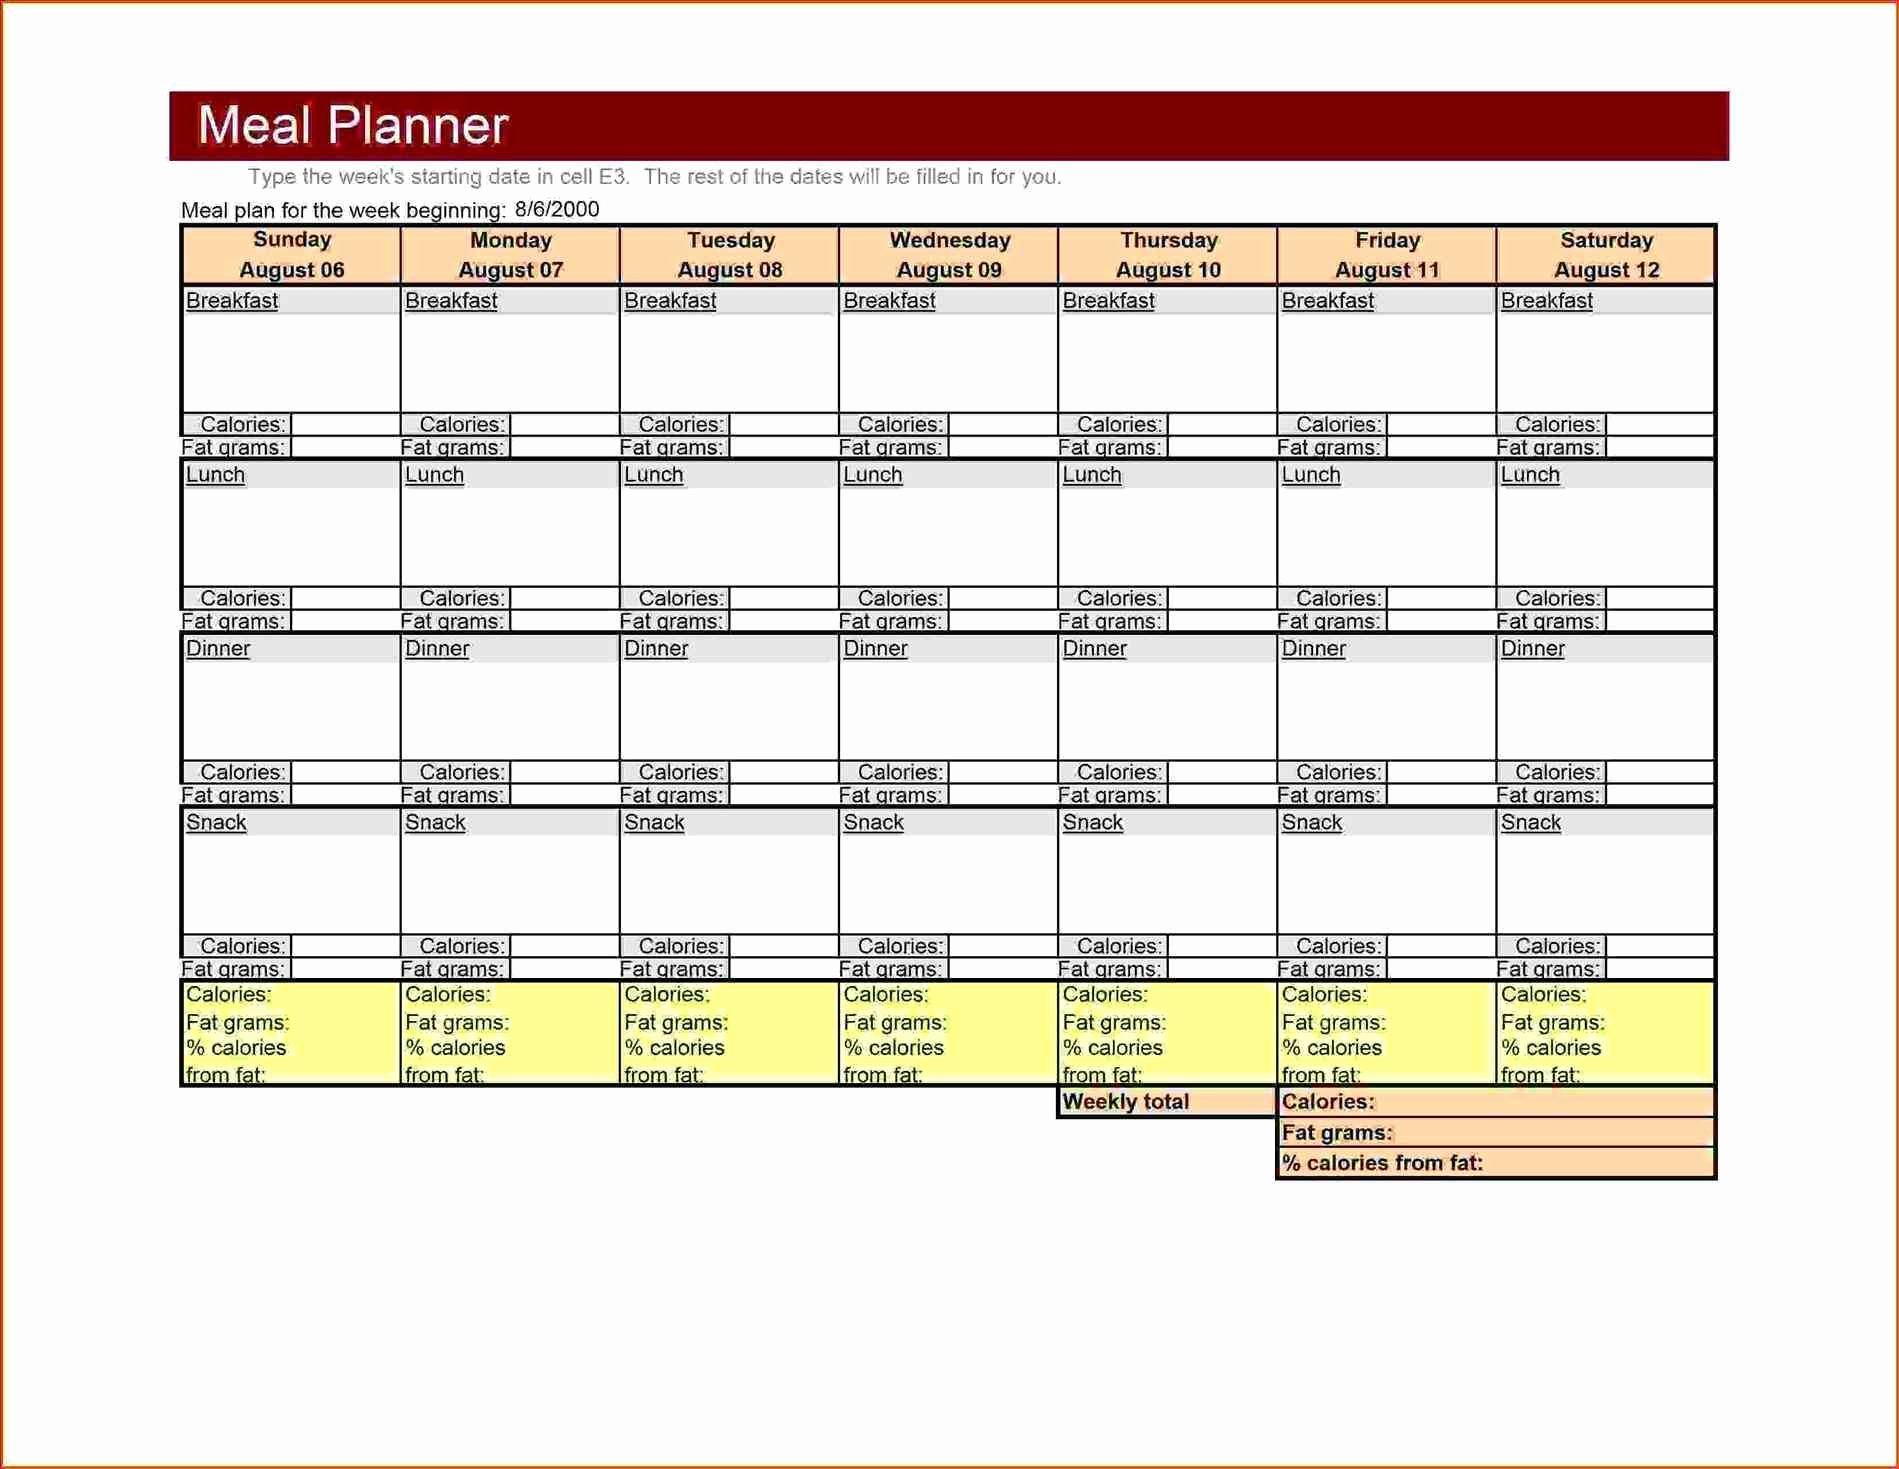 Meal Plan Template Word Luxury Large Weekly Menu Template Excel Meal Planner